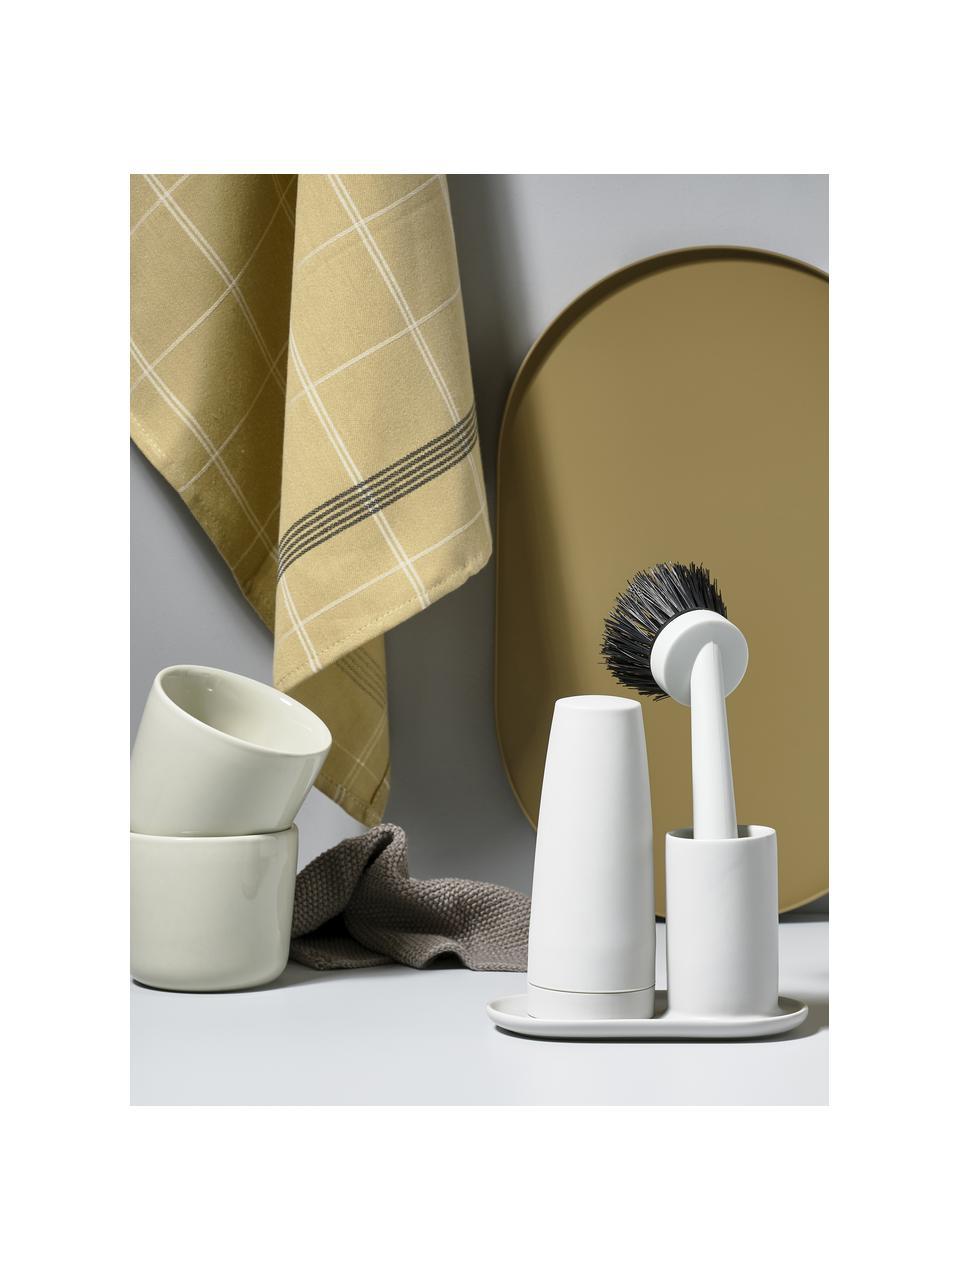 Spülmittelspender Plain mit Spülbürste, 3er-Set, Keramik, Silikon, Kunststoff (ABS), Hellgrau, 15 x 22 cm